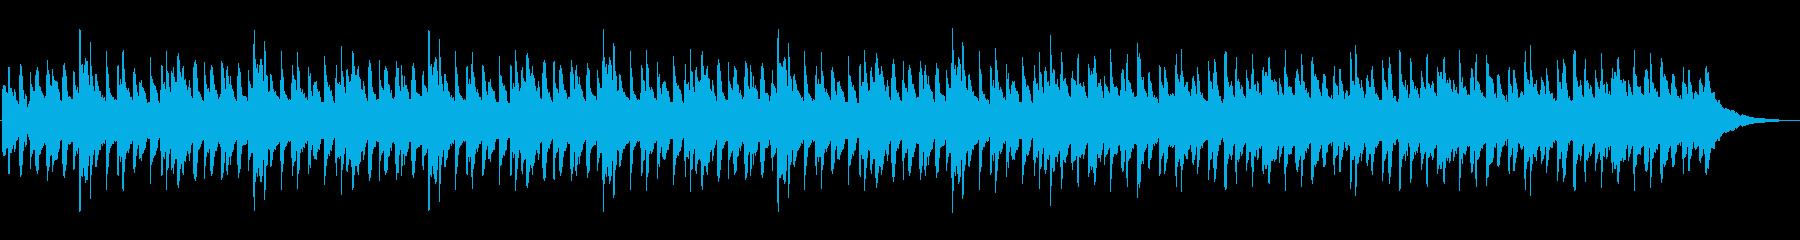 朗読向けしっとりピアノBGM    の再生済みの波形